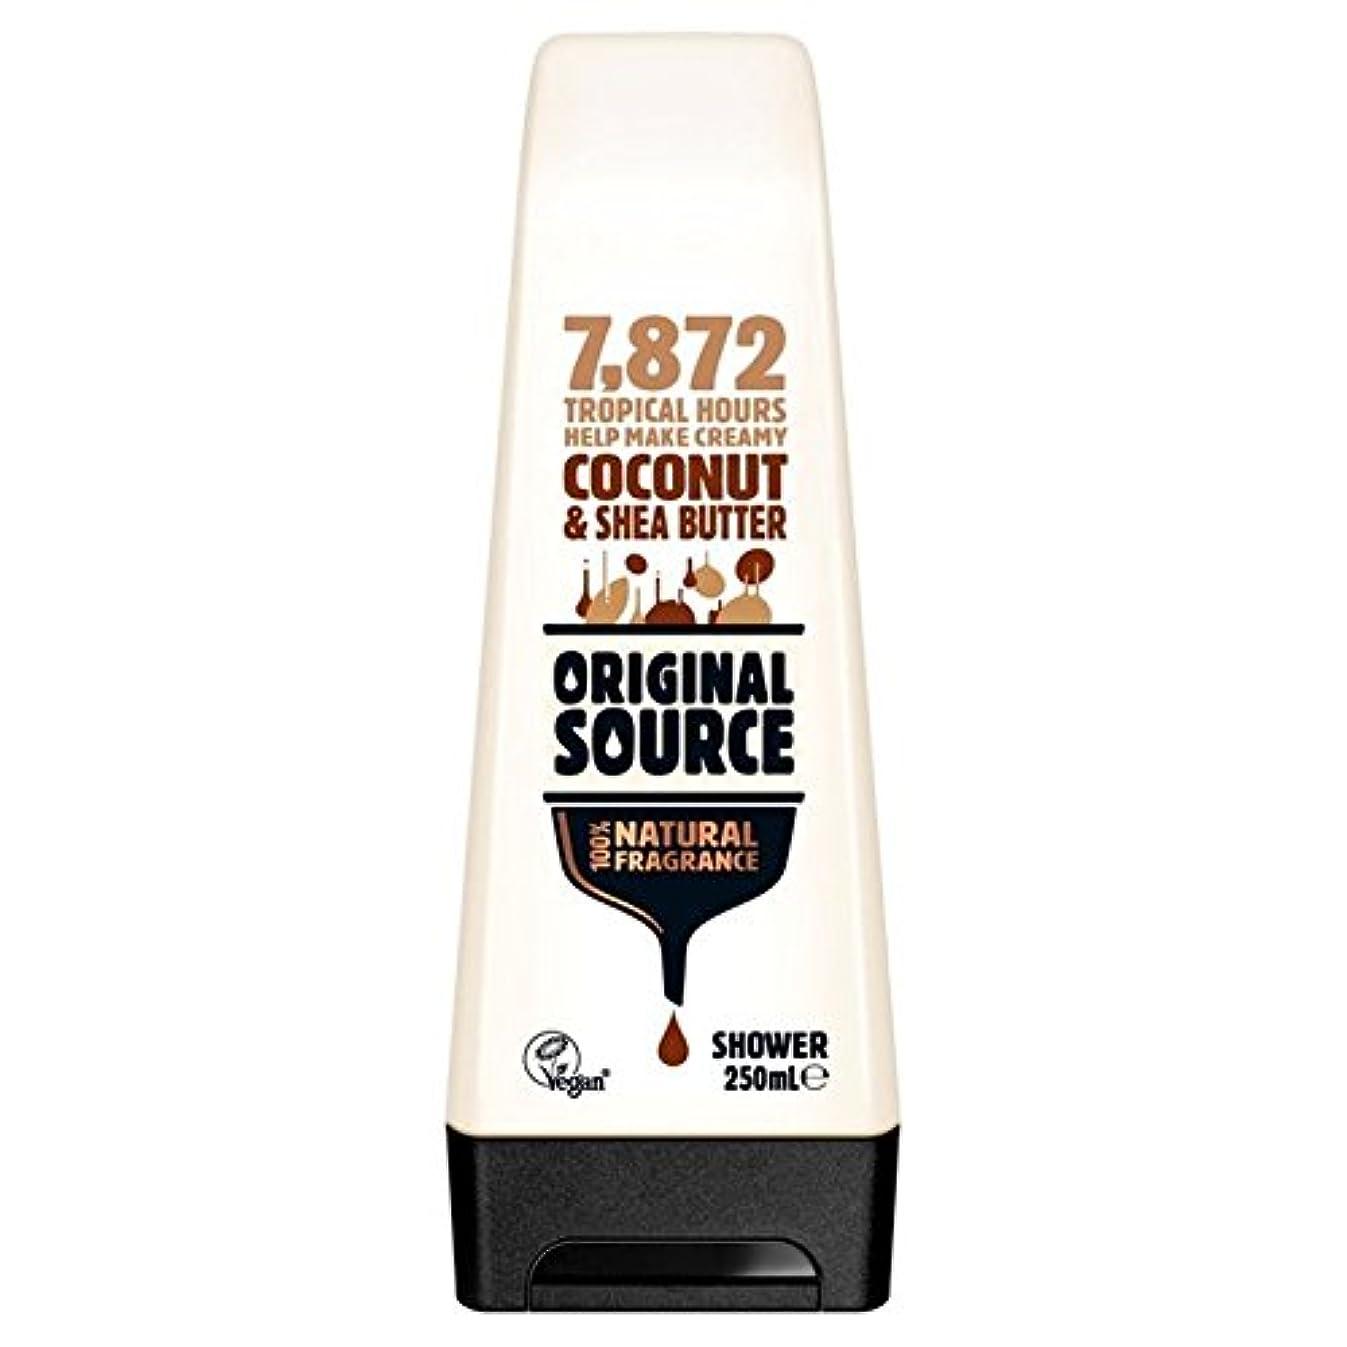 謎めいた脅迫サイレンOriginal Source Moisturising Coconut & Shea Butter Shower Gel 250ml - 元のソース保湿ココナッツ&シアバターシャワージェル250ミリリットル [並行輸入品]